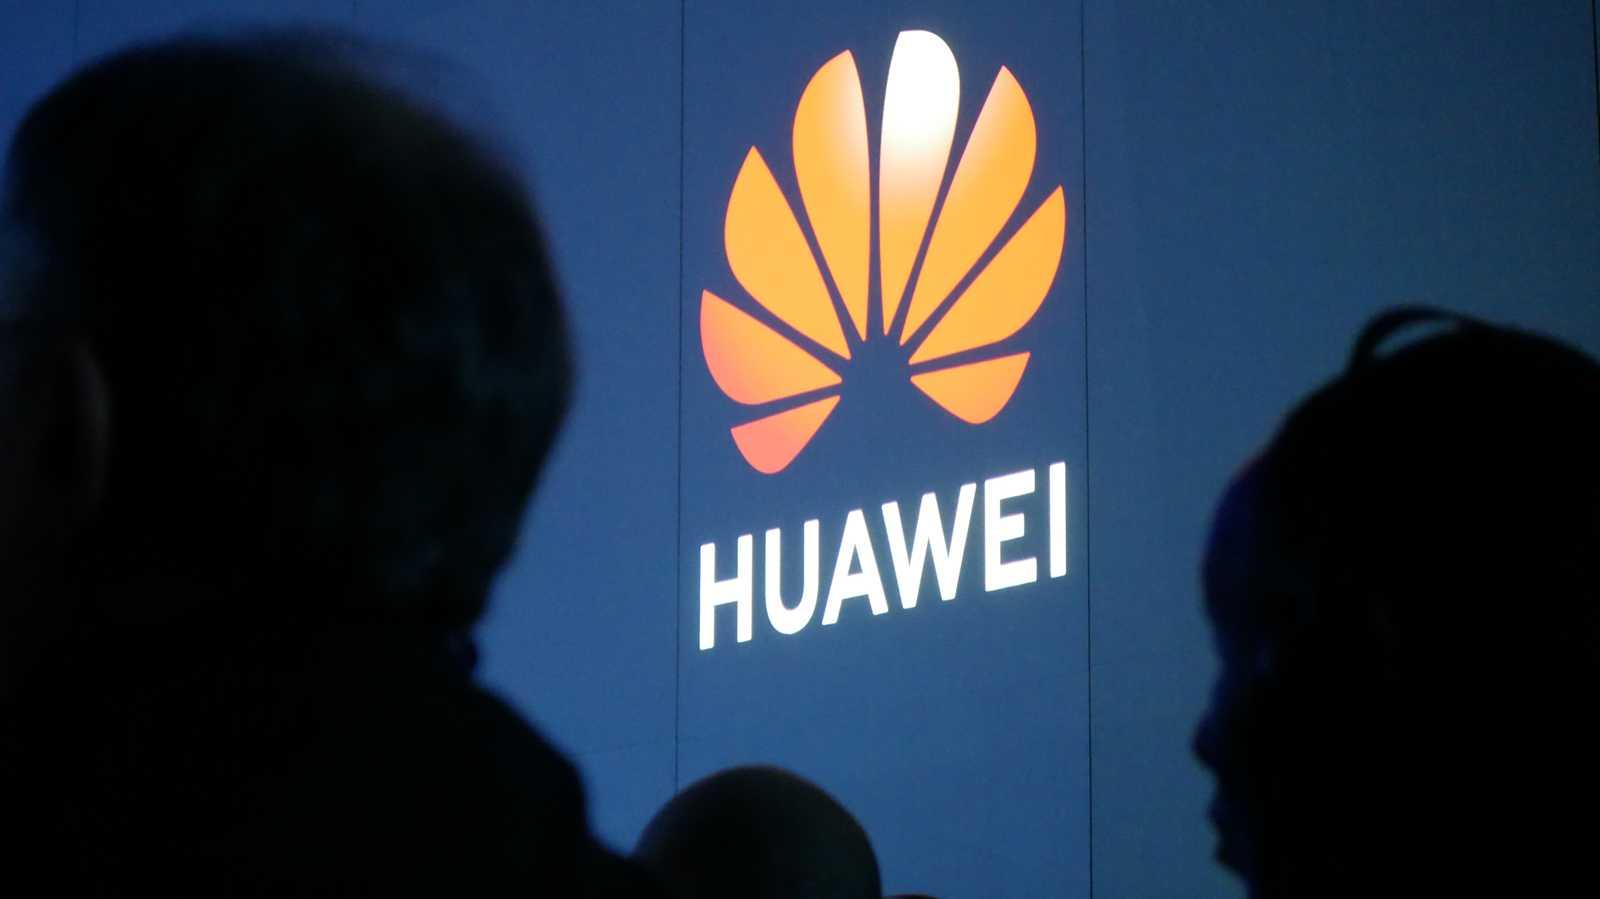 Huawei und 5G: Regulierer stellt neue Sicherheitsstandards vor